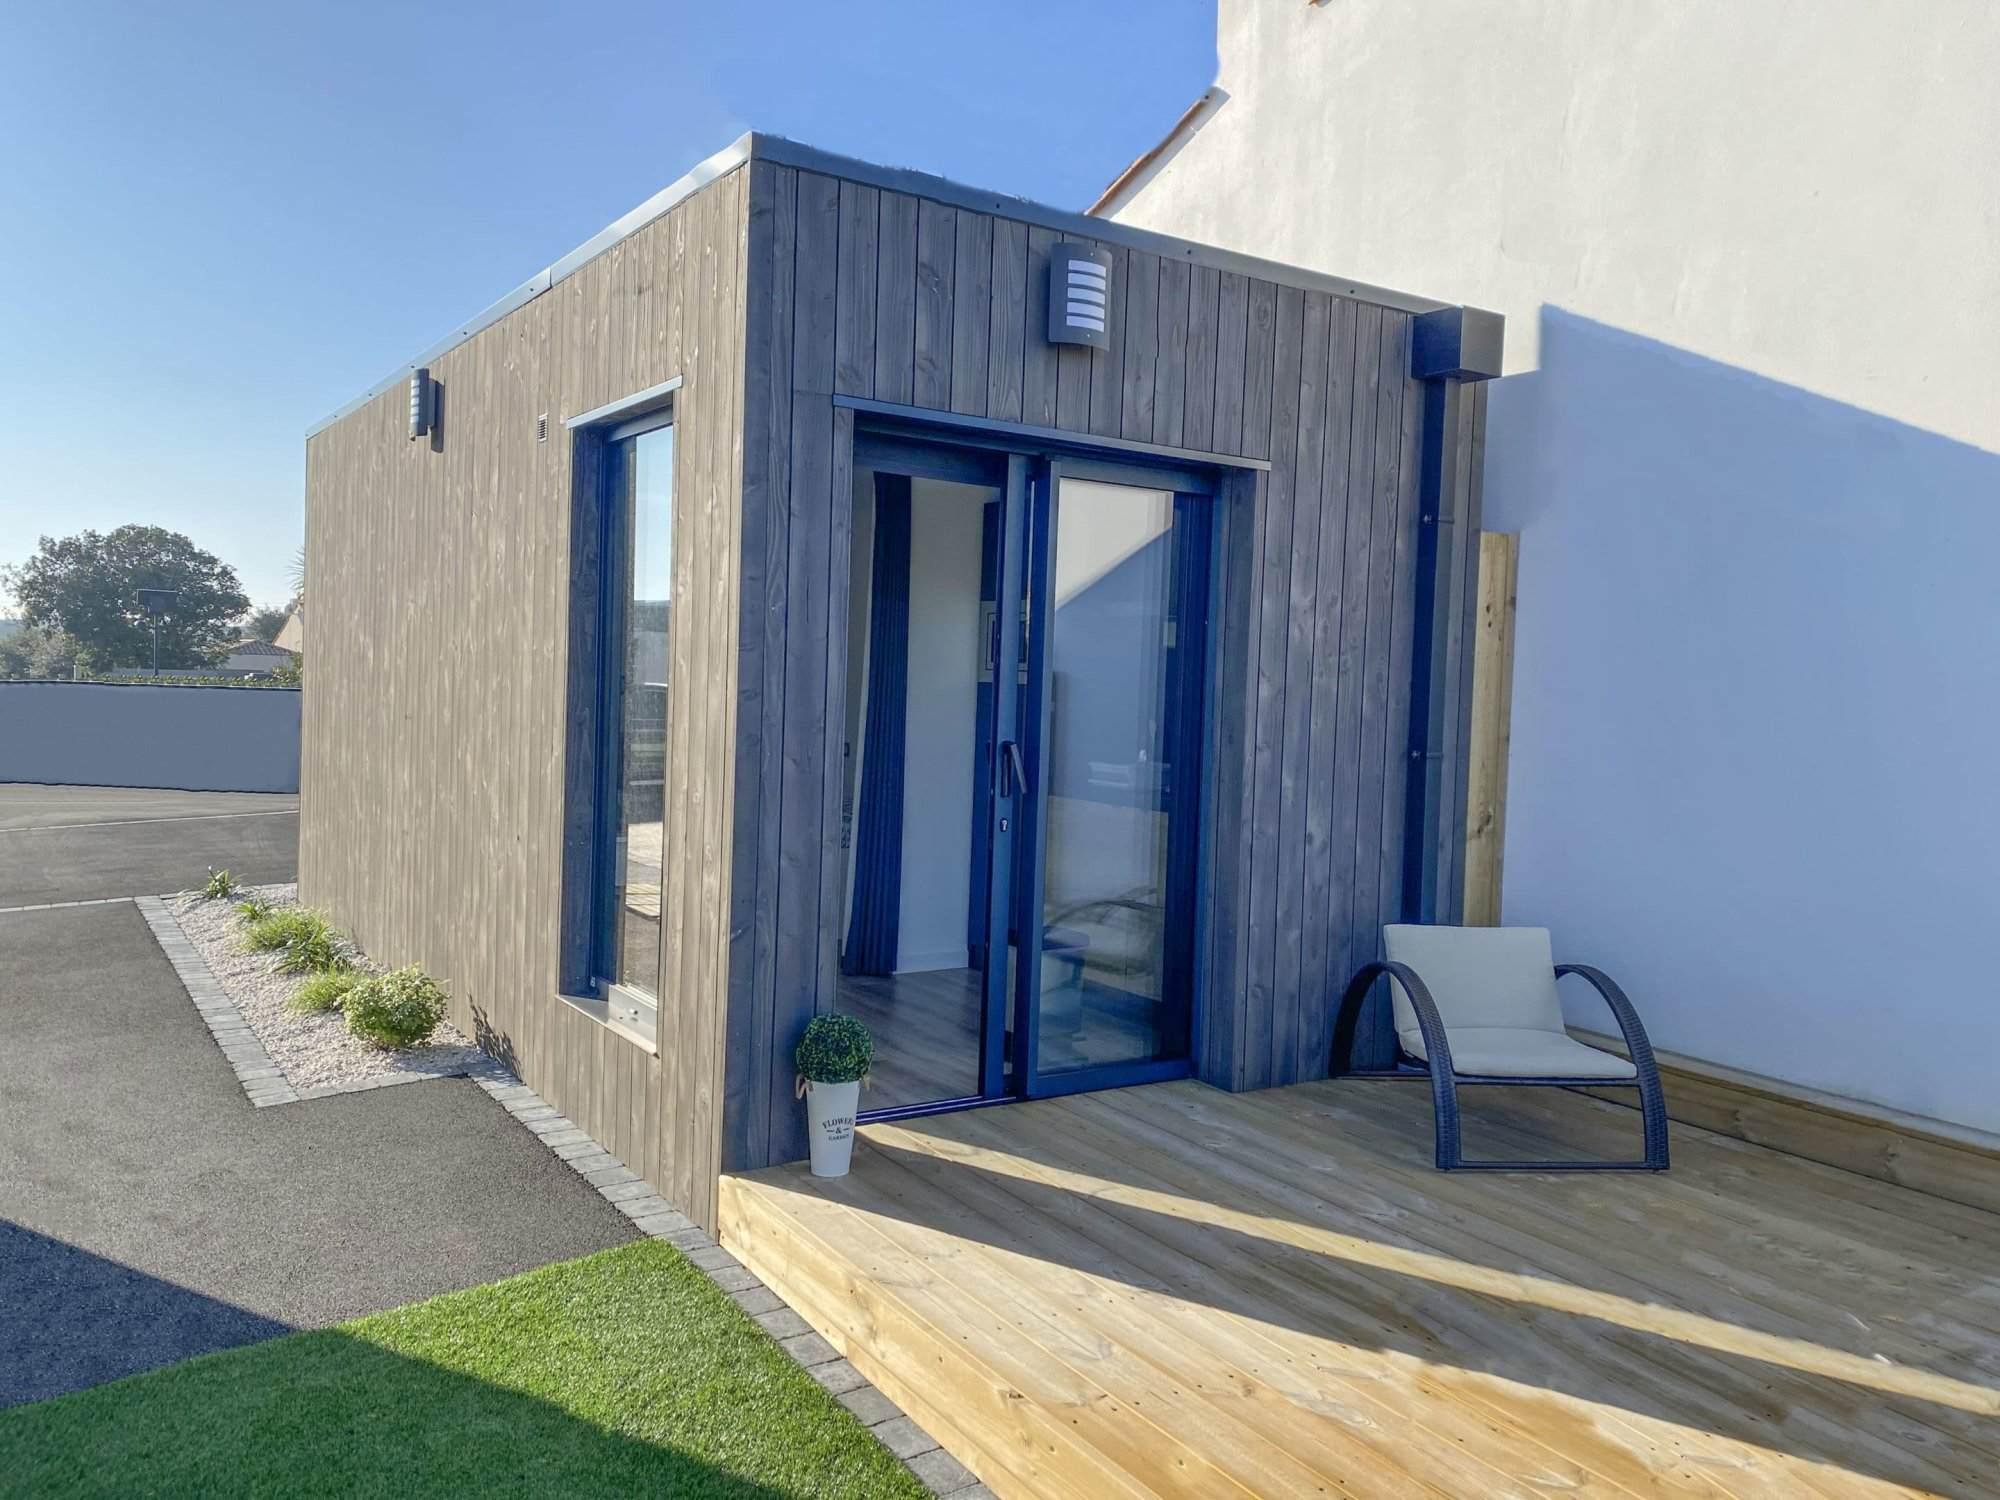 Un studio de jardin pour une location courte durée